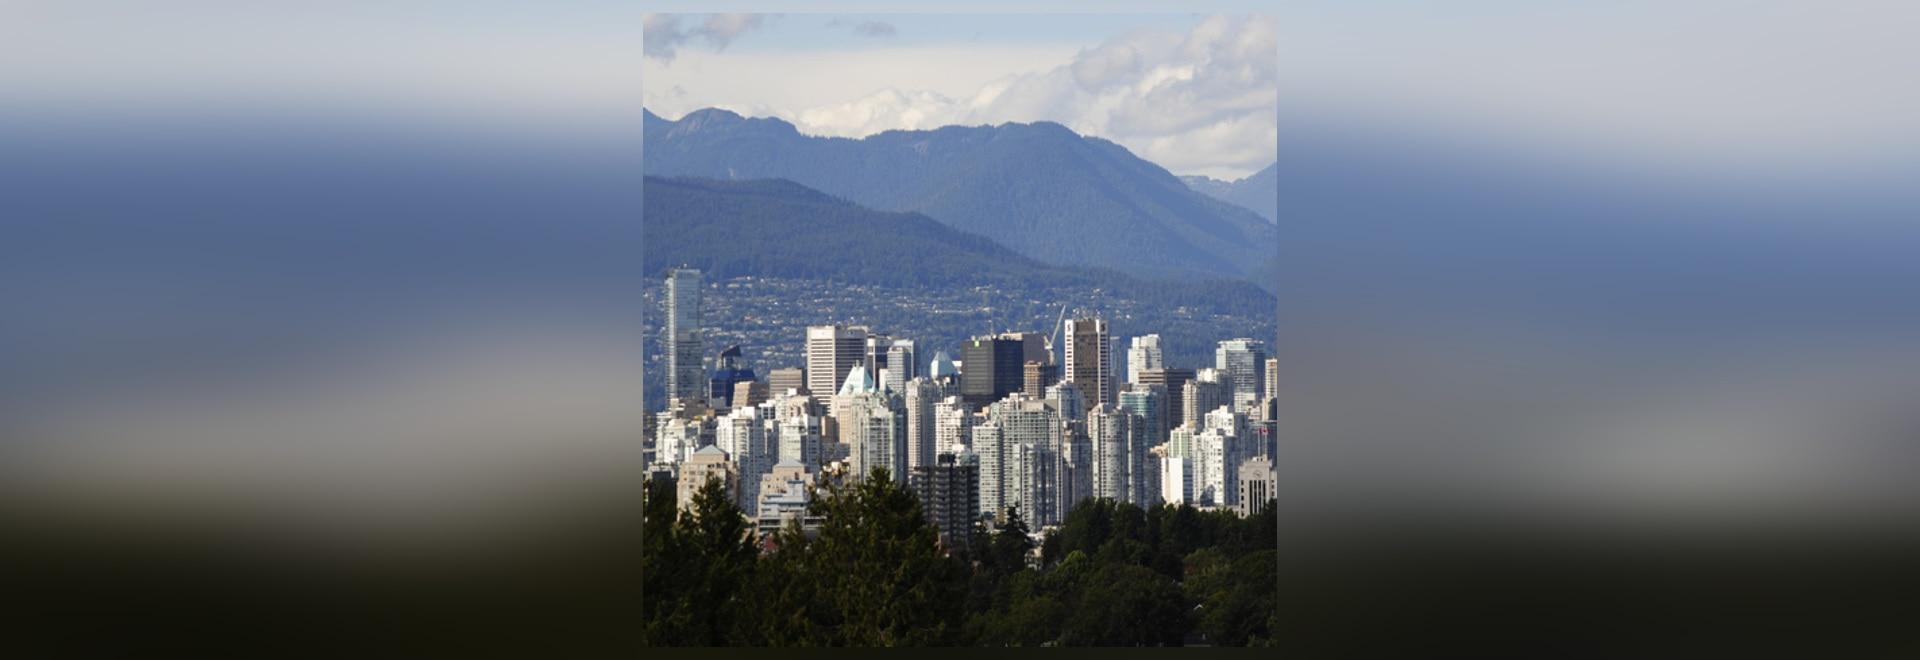 Vereinigte Staaten, Kanada und Mexiko, zum der jeder des anderen Architekten zu erkennen